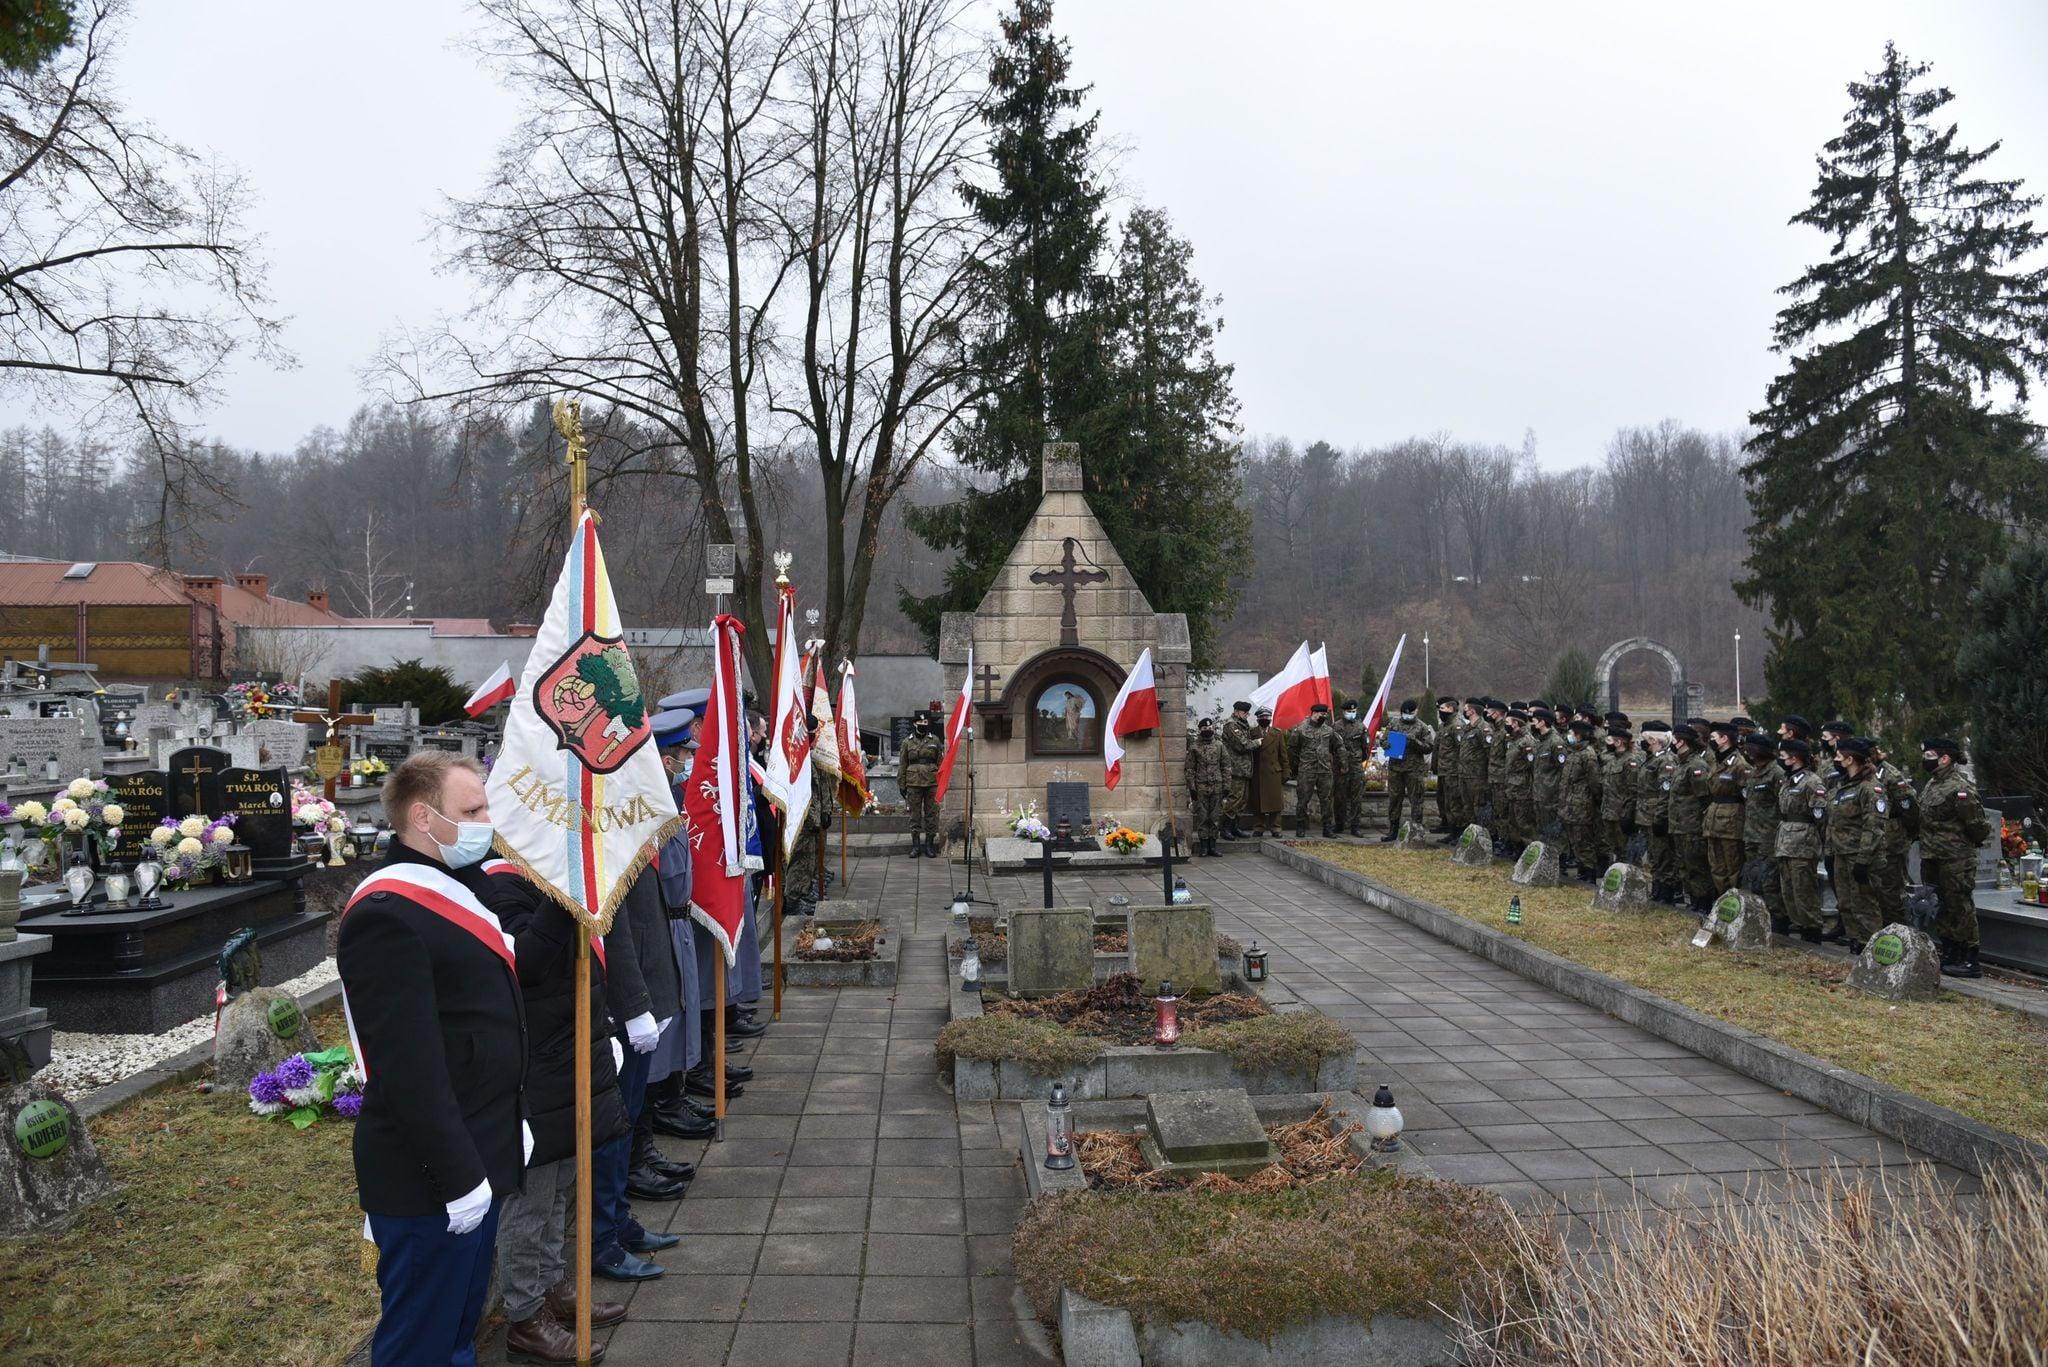 1 marca - Narodowy Dzień Pamięci Żołnieży Wyklętych - zdjęcie główne